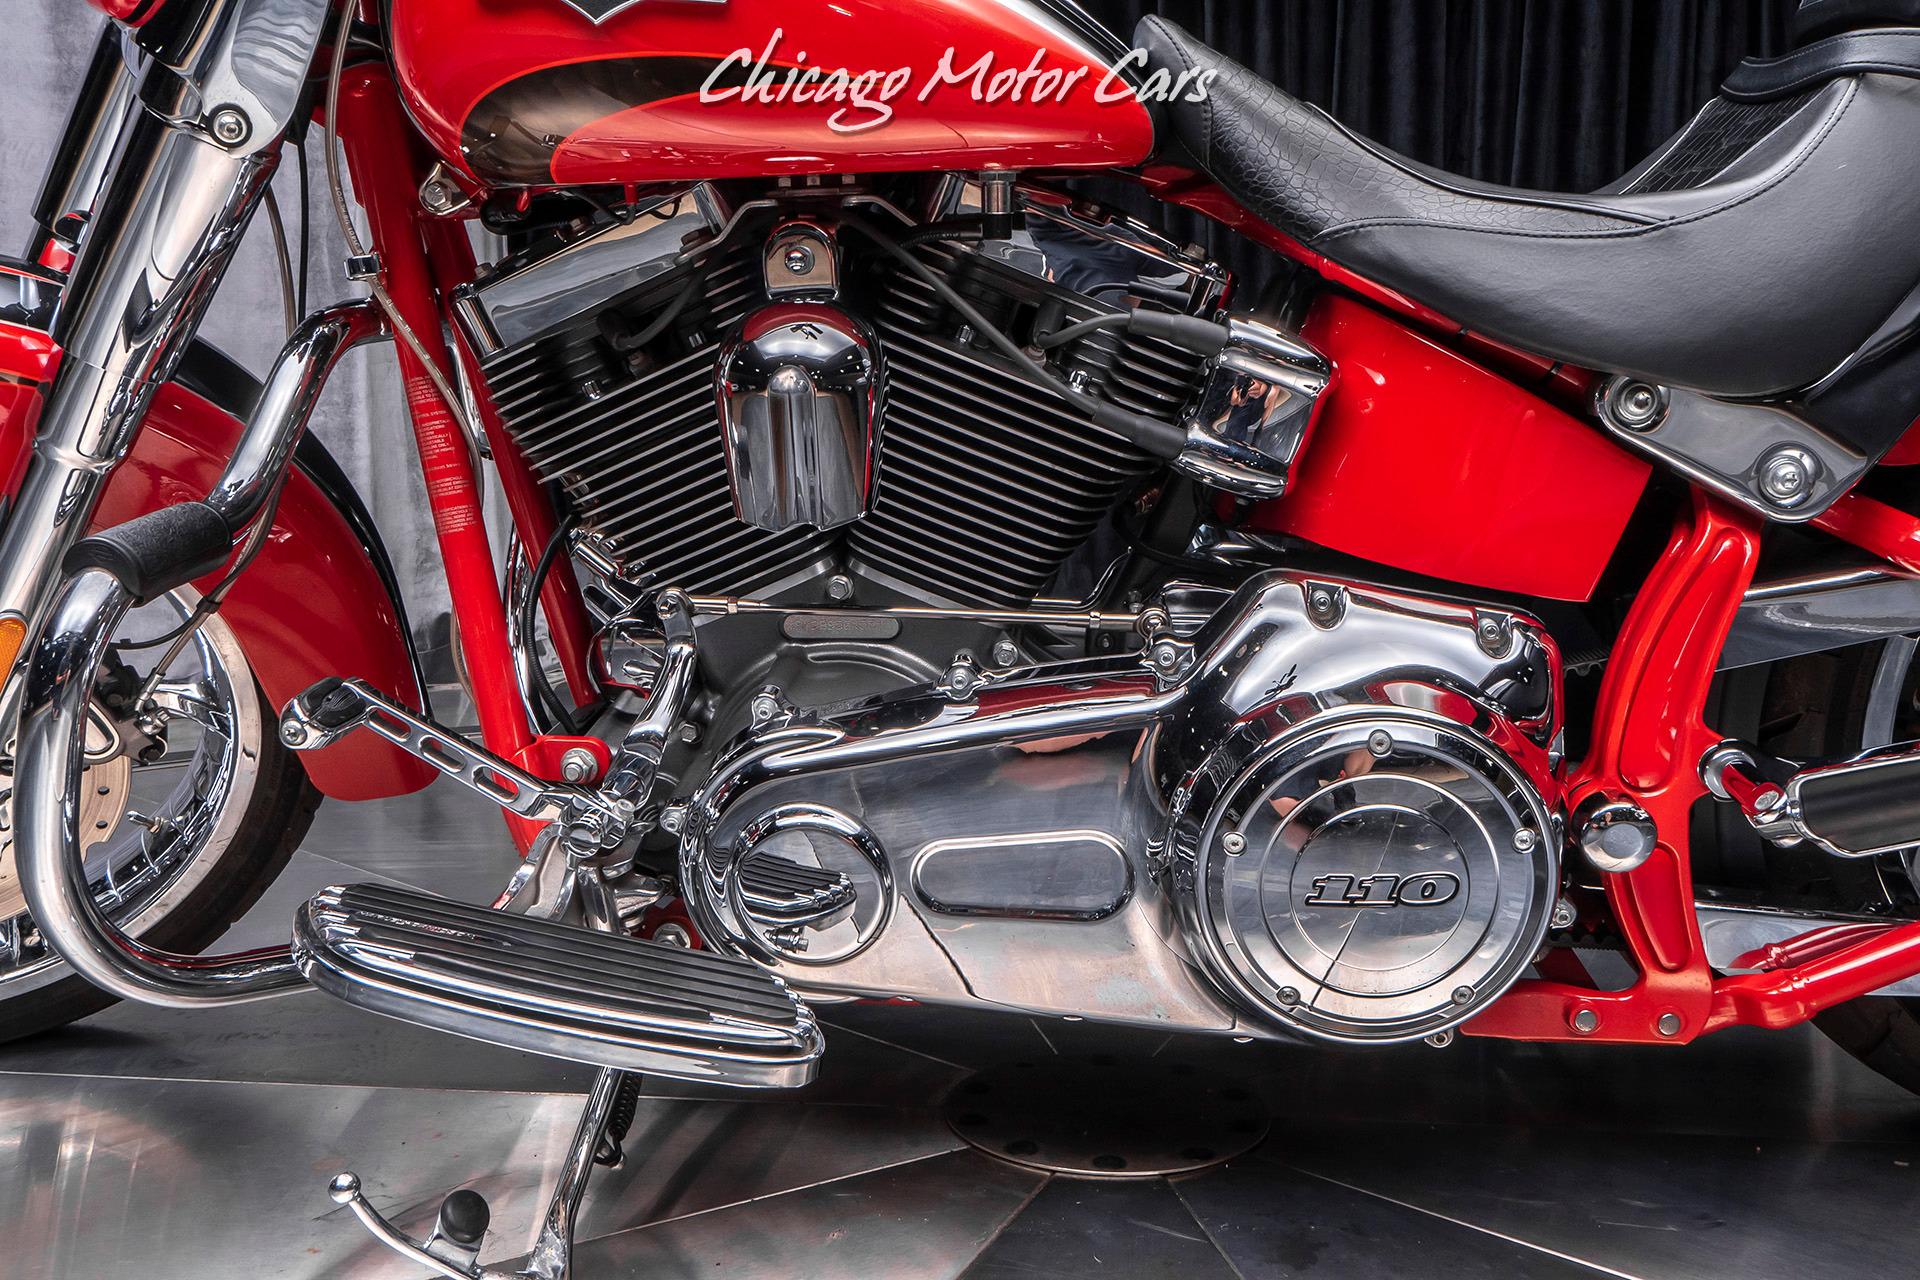 Used-2011-Harley-Davidson-CVO-Softail-Fatboy-LIMITED-EDITION